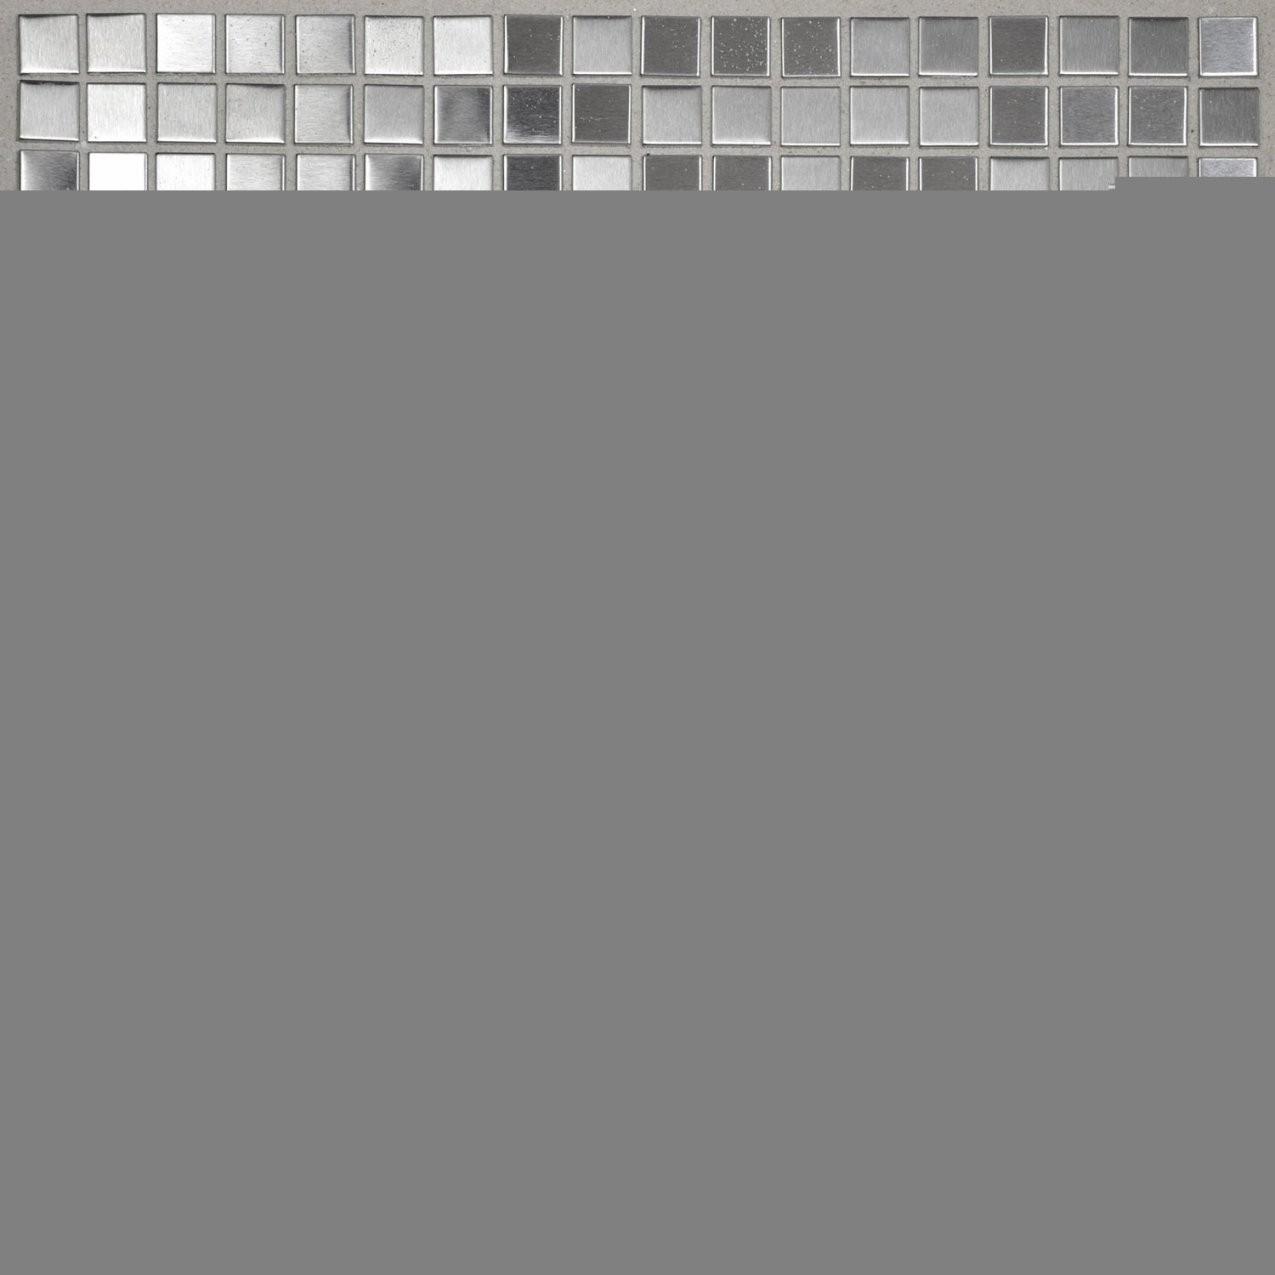 Mosaik Metall Edelstahl 30 Cm X 30 Cm Kaufen Bei Obi von Mosaik Fliesen Obi Photo